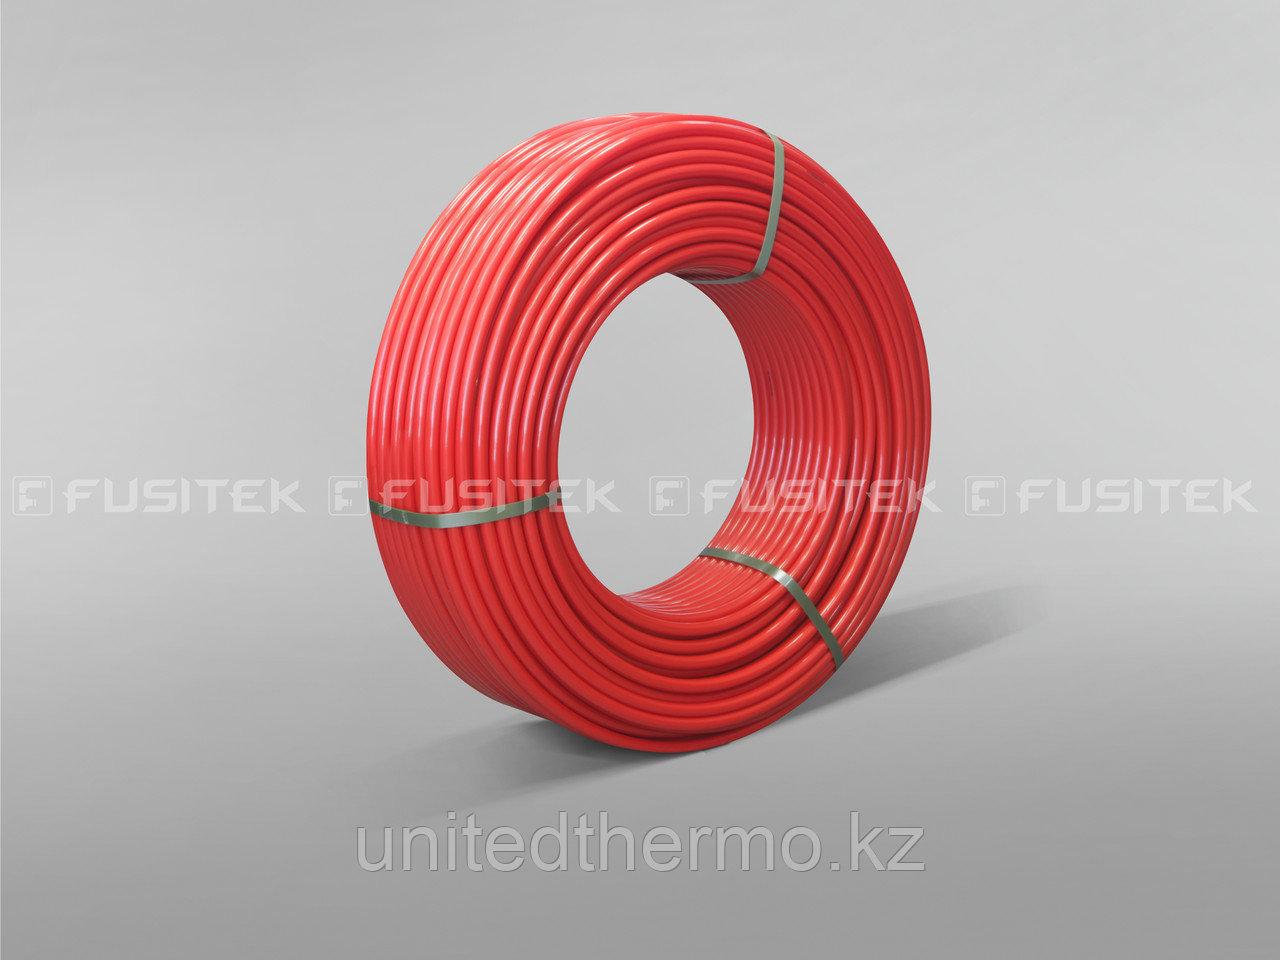 Труба для теплого пола Varmega PE-RT II 16x2.0 мм однослойная, цвет красный FT90201